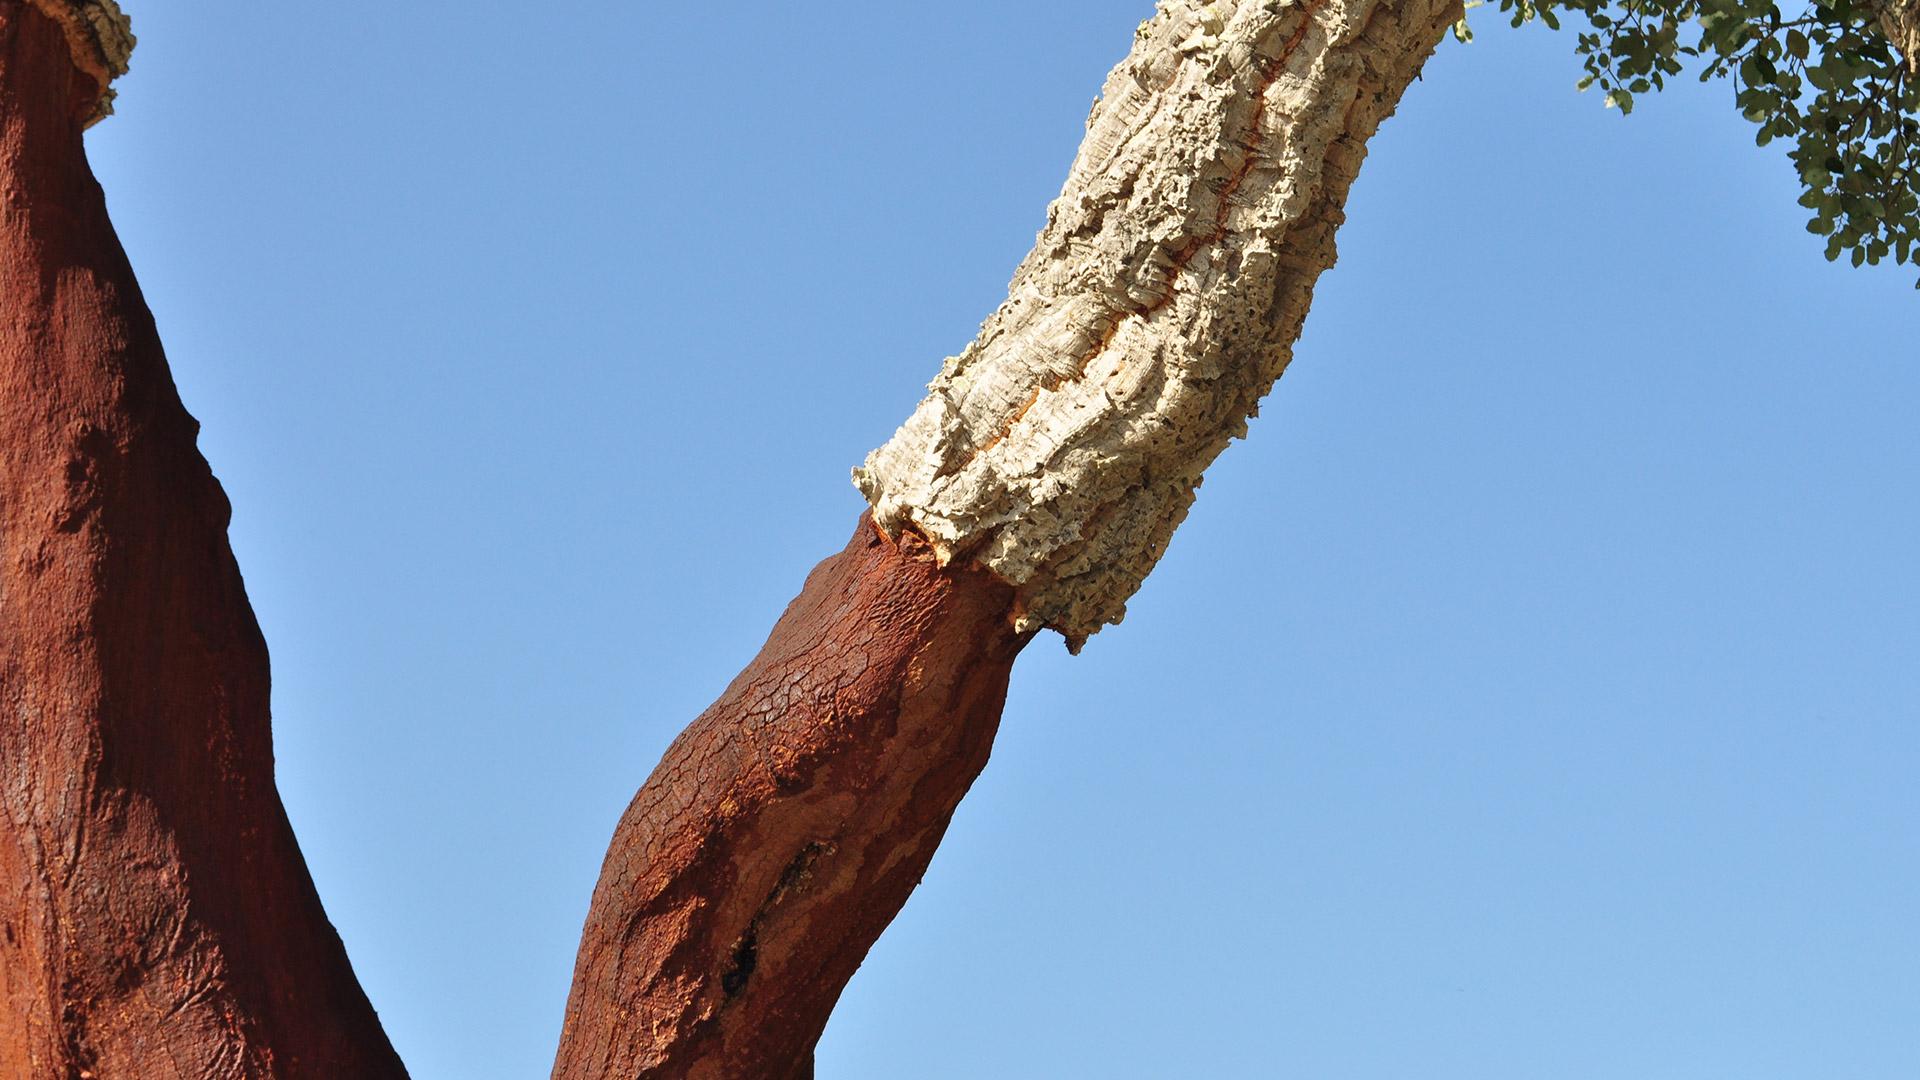 korkeiche-stamm-rinde-borke-schichten-nahaufnahme